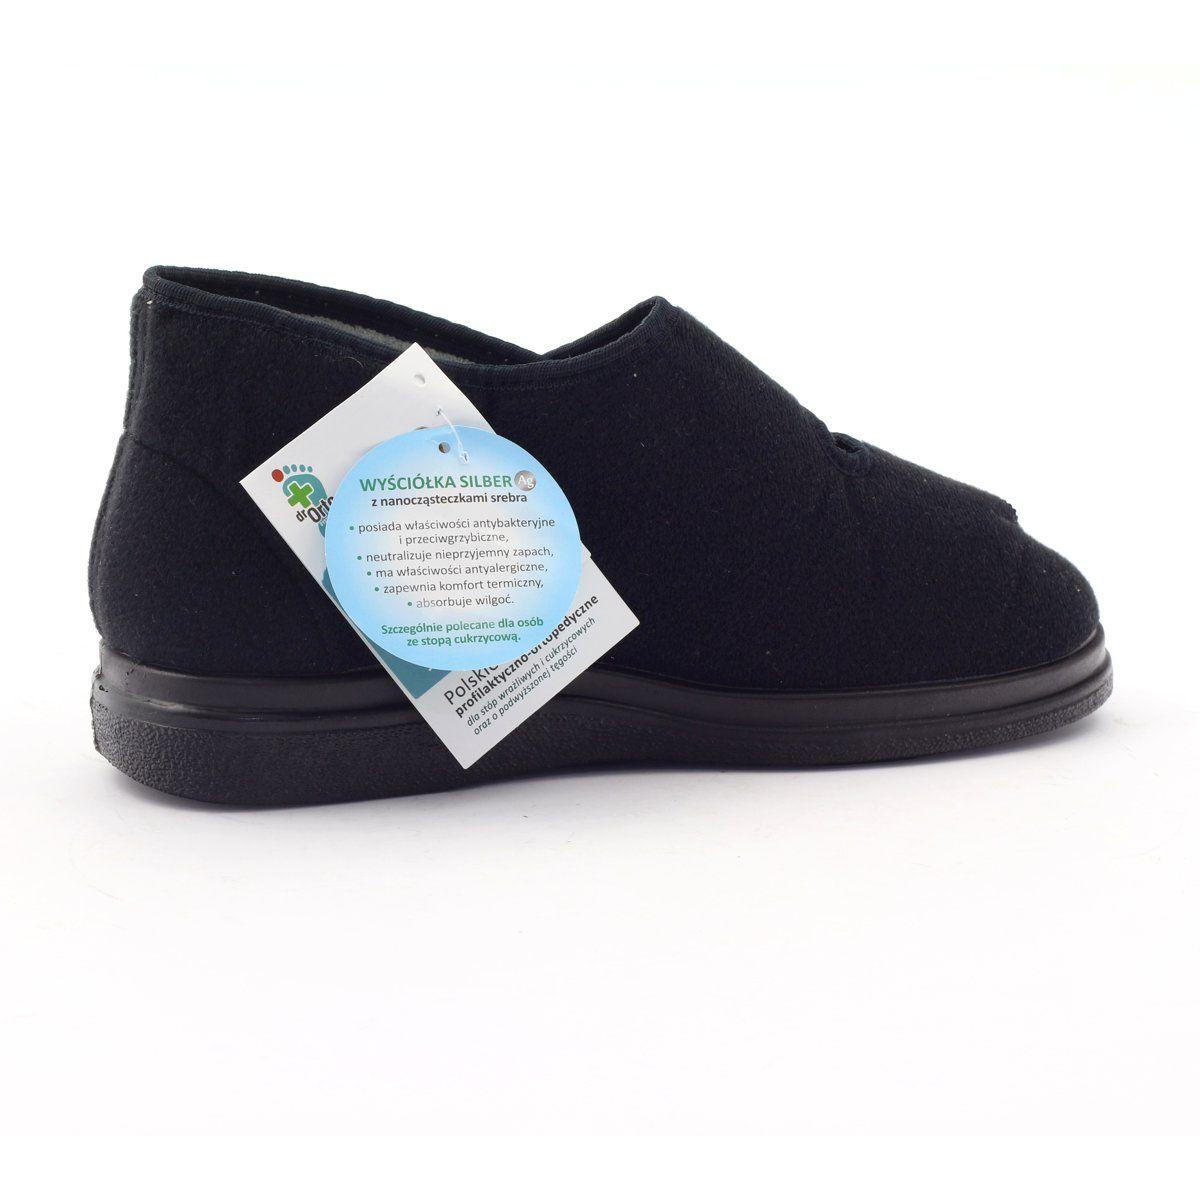 Befado Women S Shoes Pu 986d003 Black Women Shoes Shoes Homemade Shoes